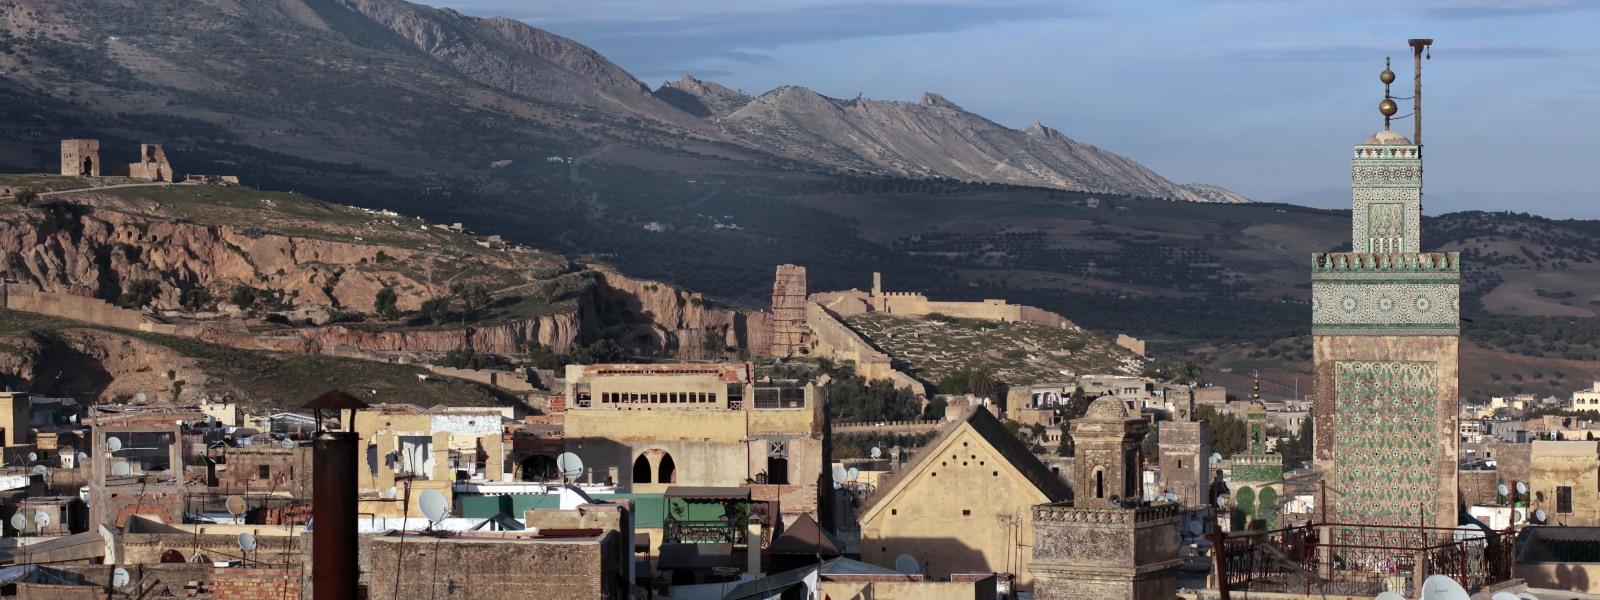 Fez-Tour-Guide